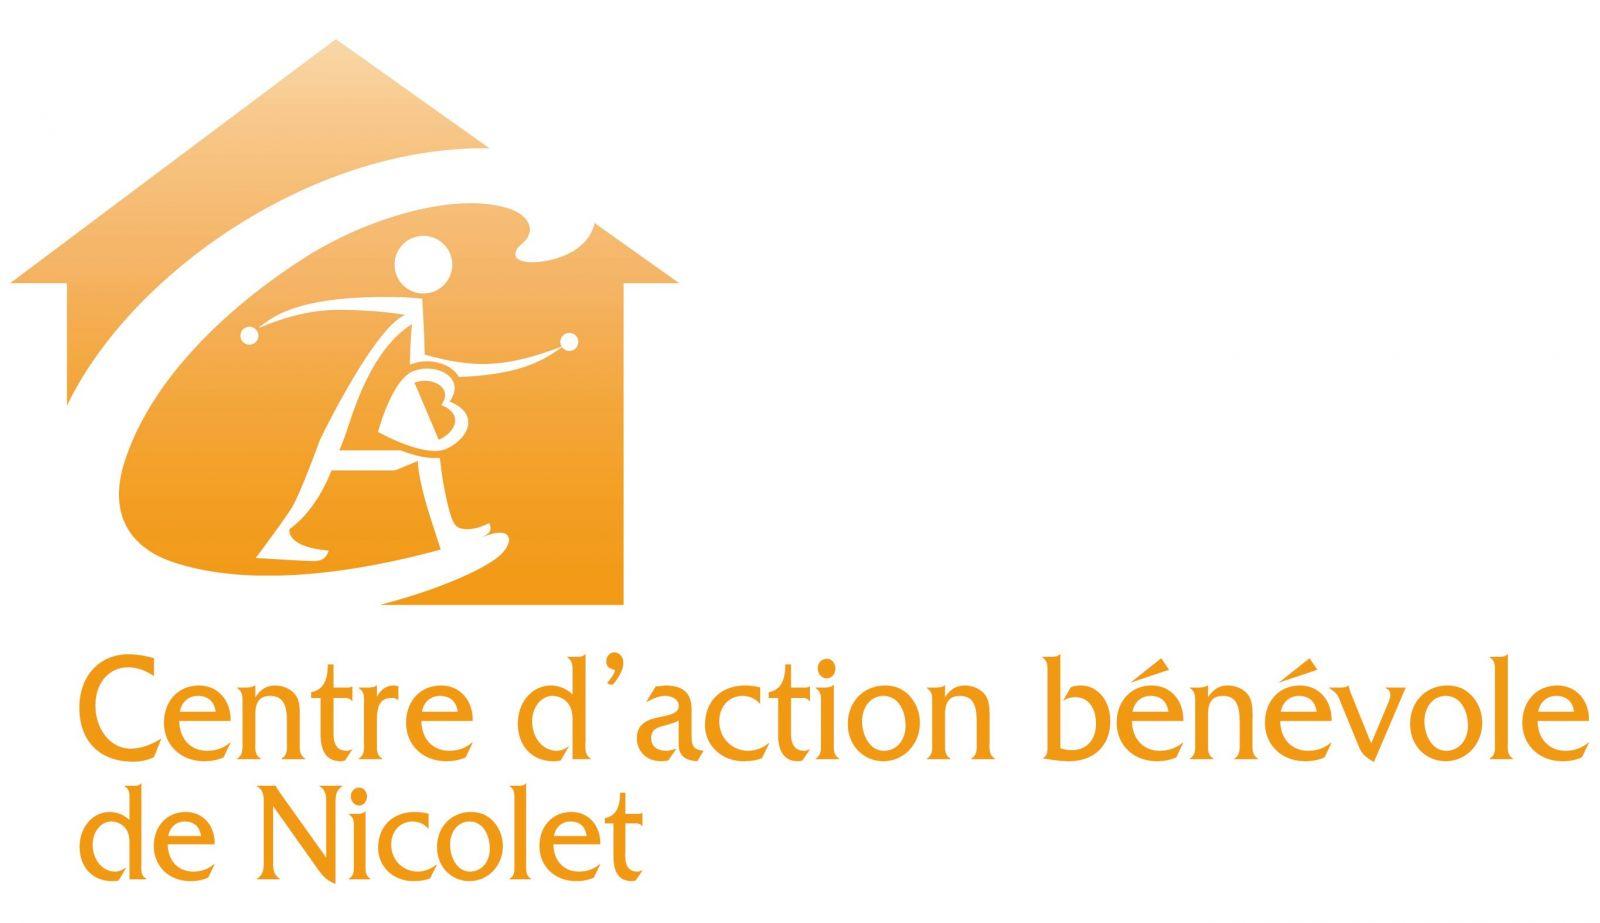 Centre d'action bénévole de Nicolet